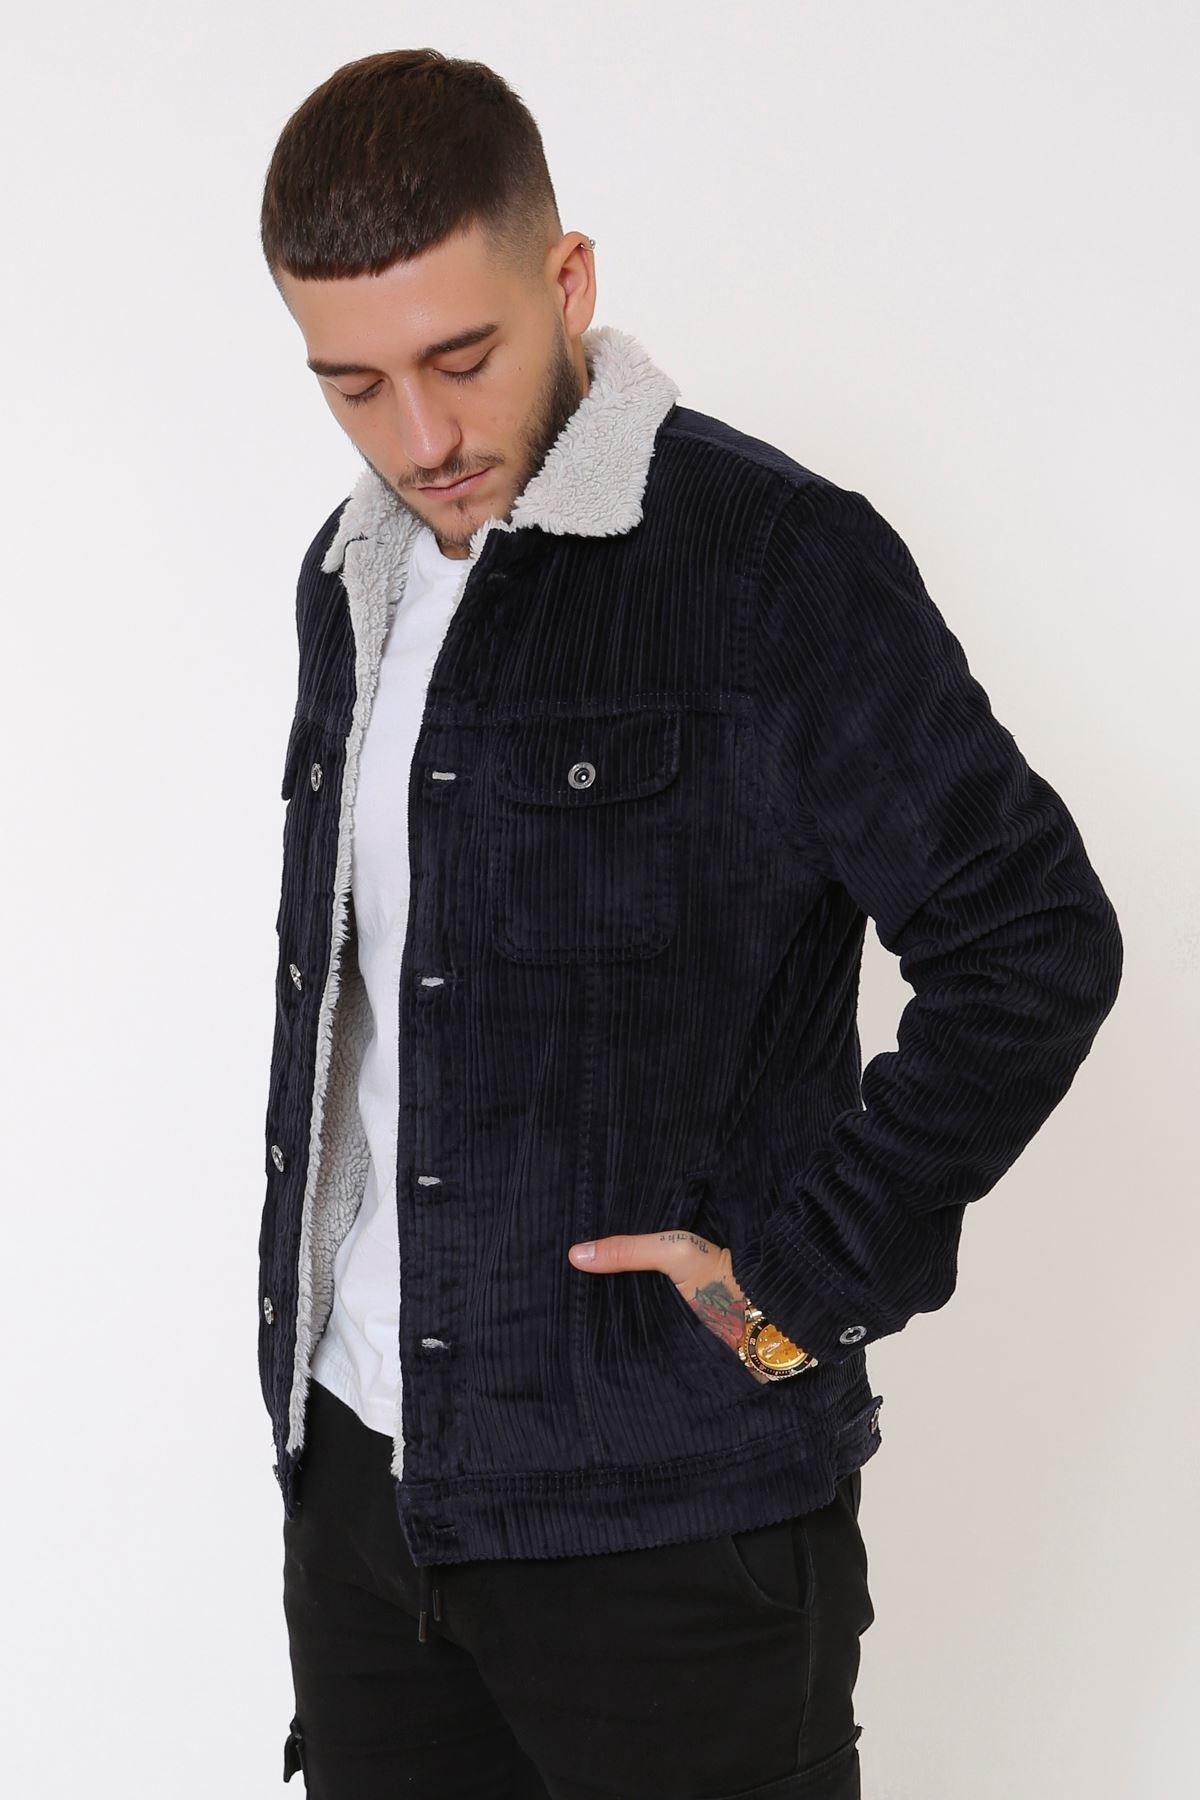 Kadife İçi Kürklü Düğmeli Lacivert Ceket